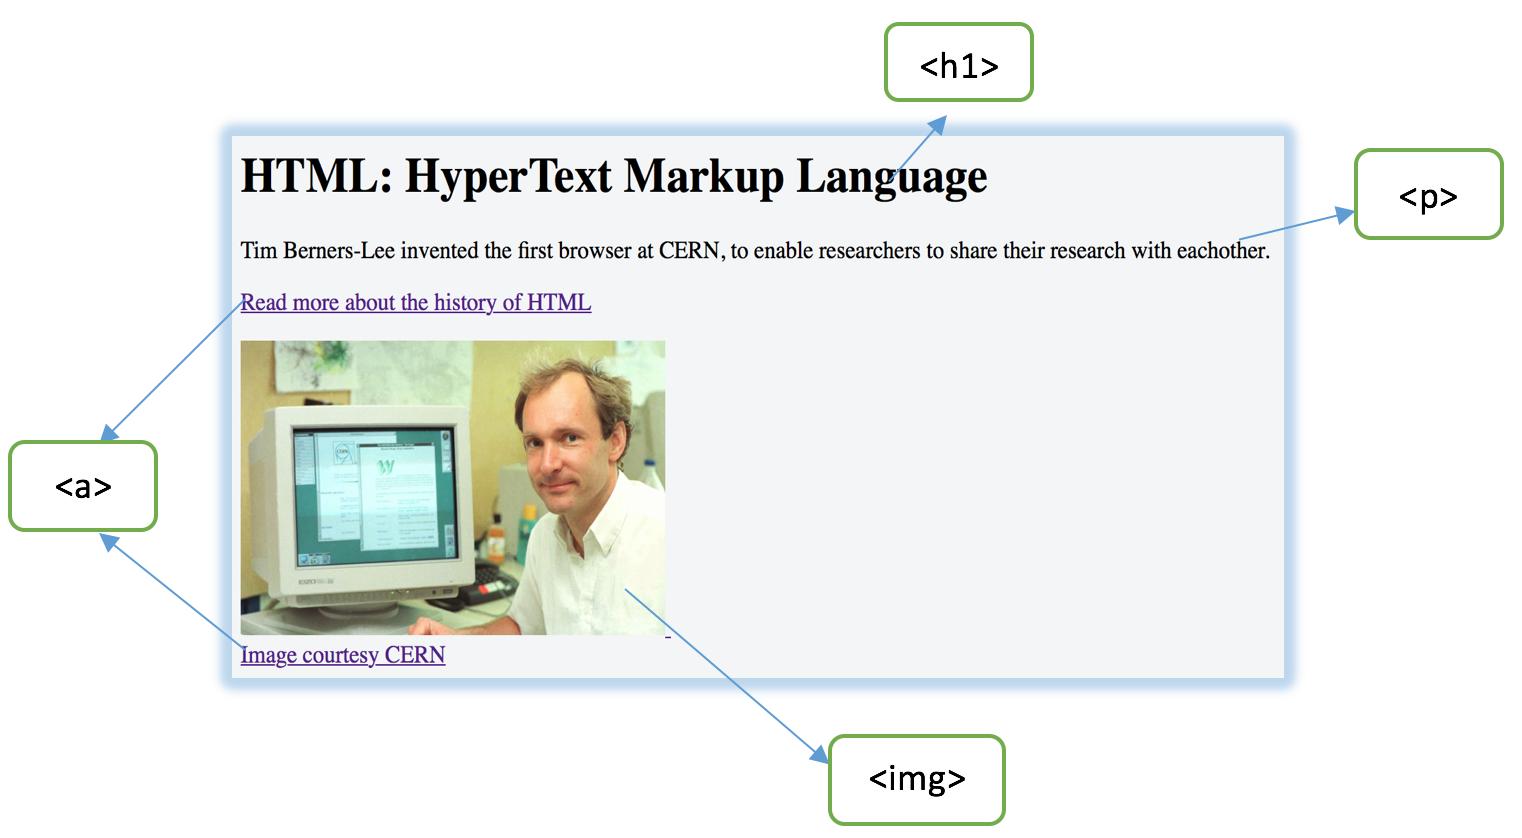 Sử dụng thẻ HTML